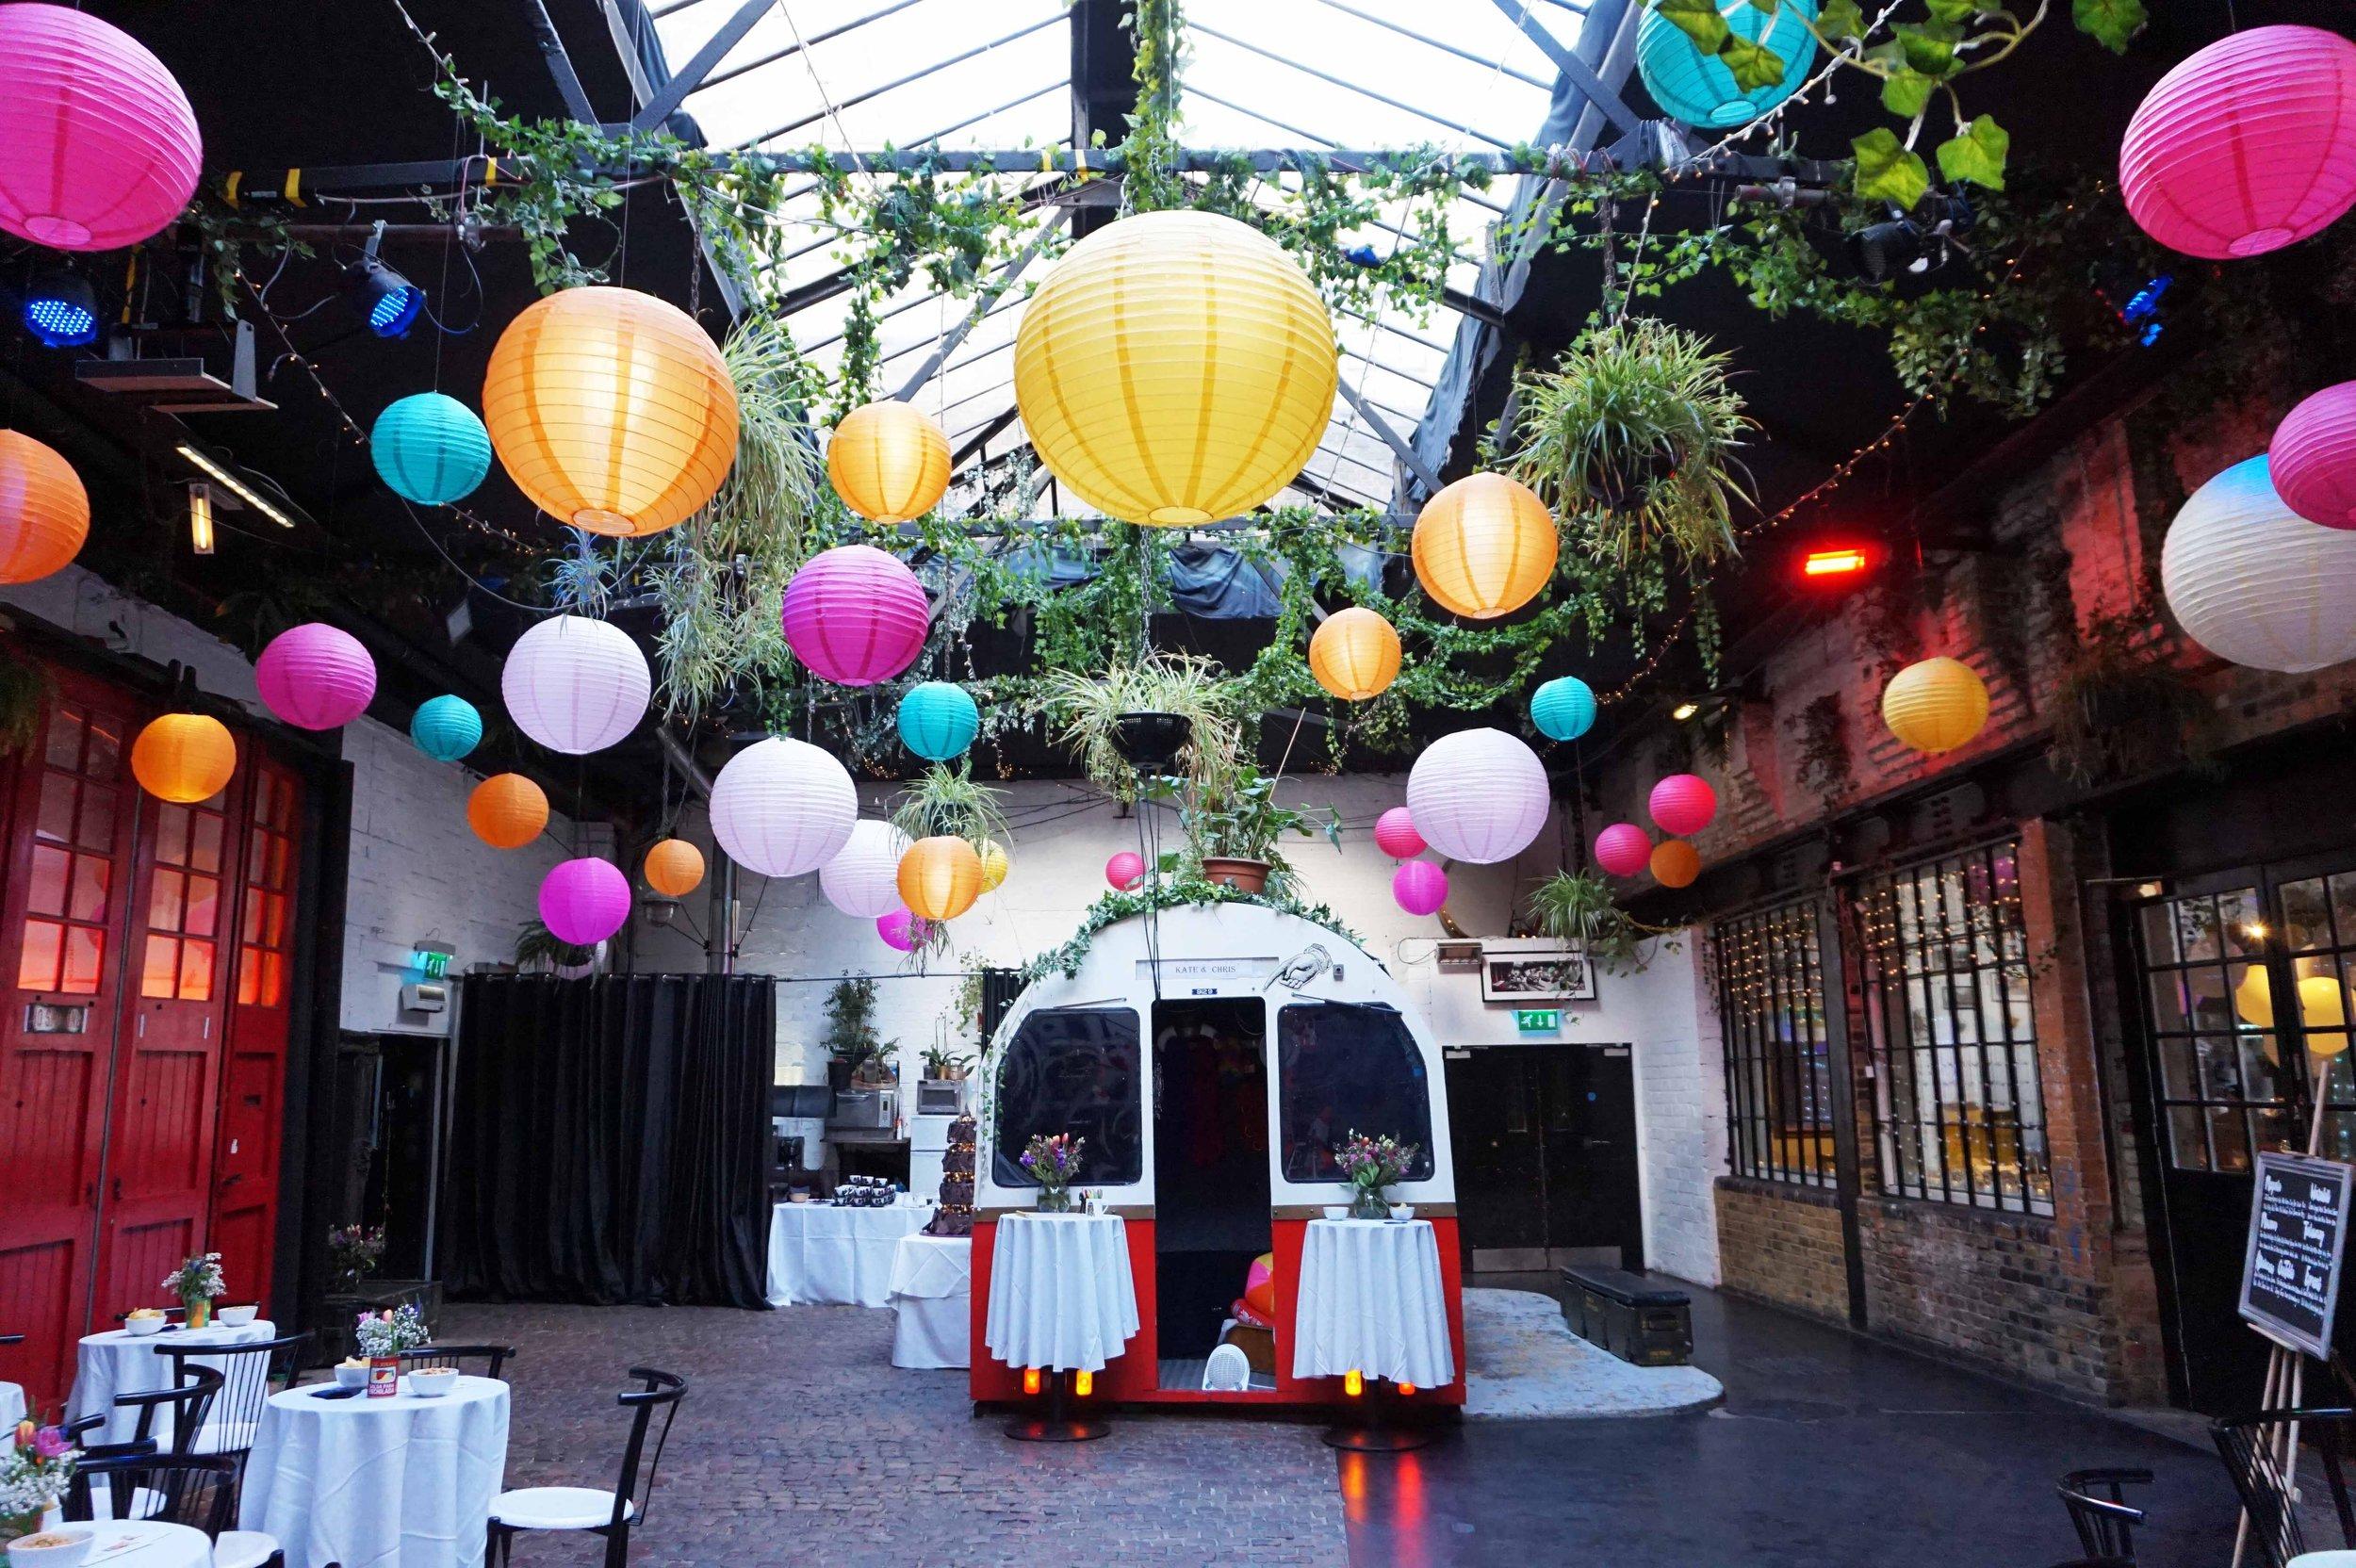 islington metal weddings - - venues -